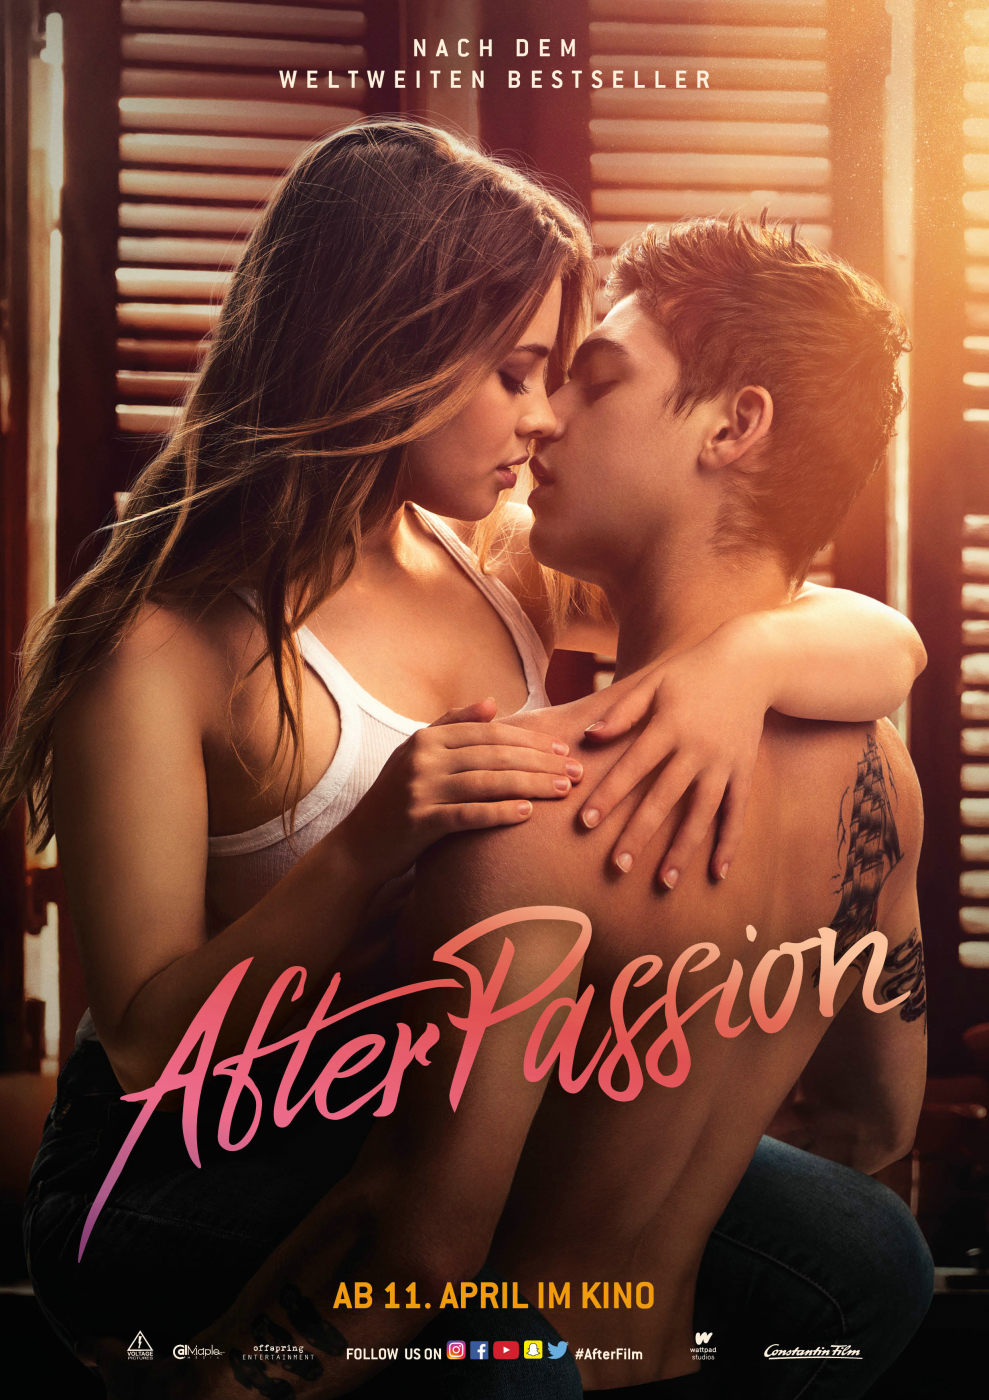 Erotische filme kostenlos schauen